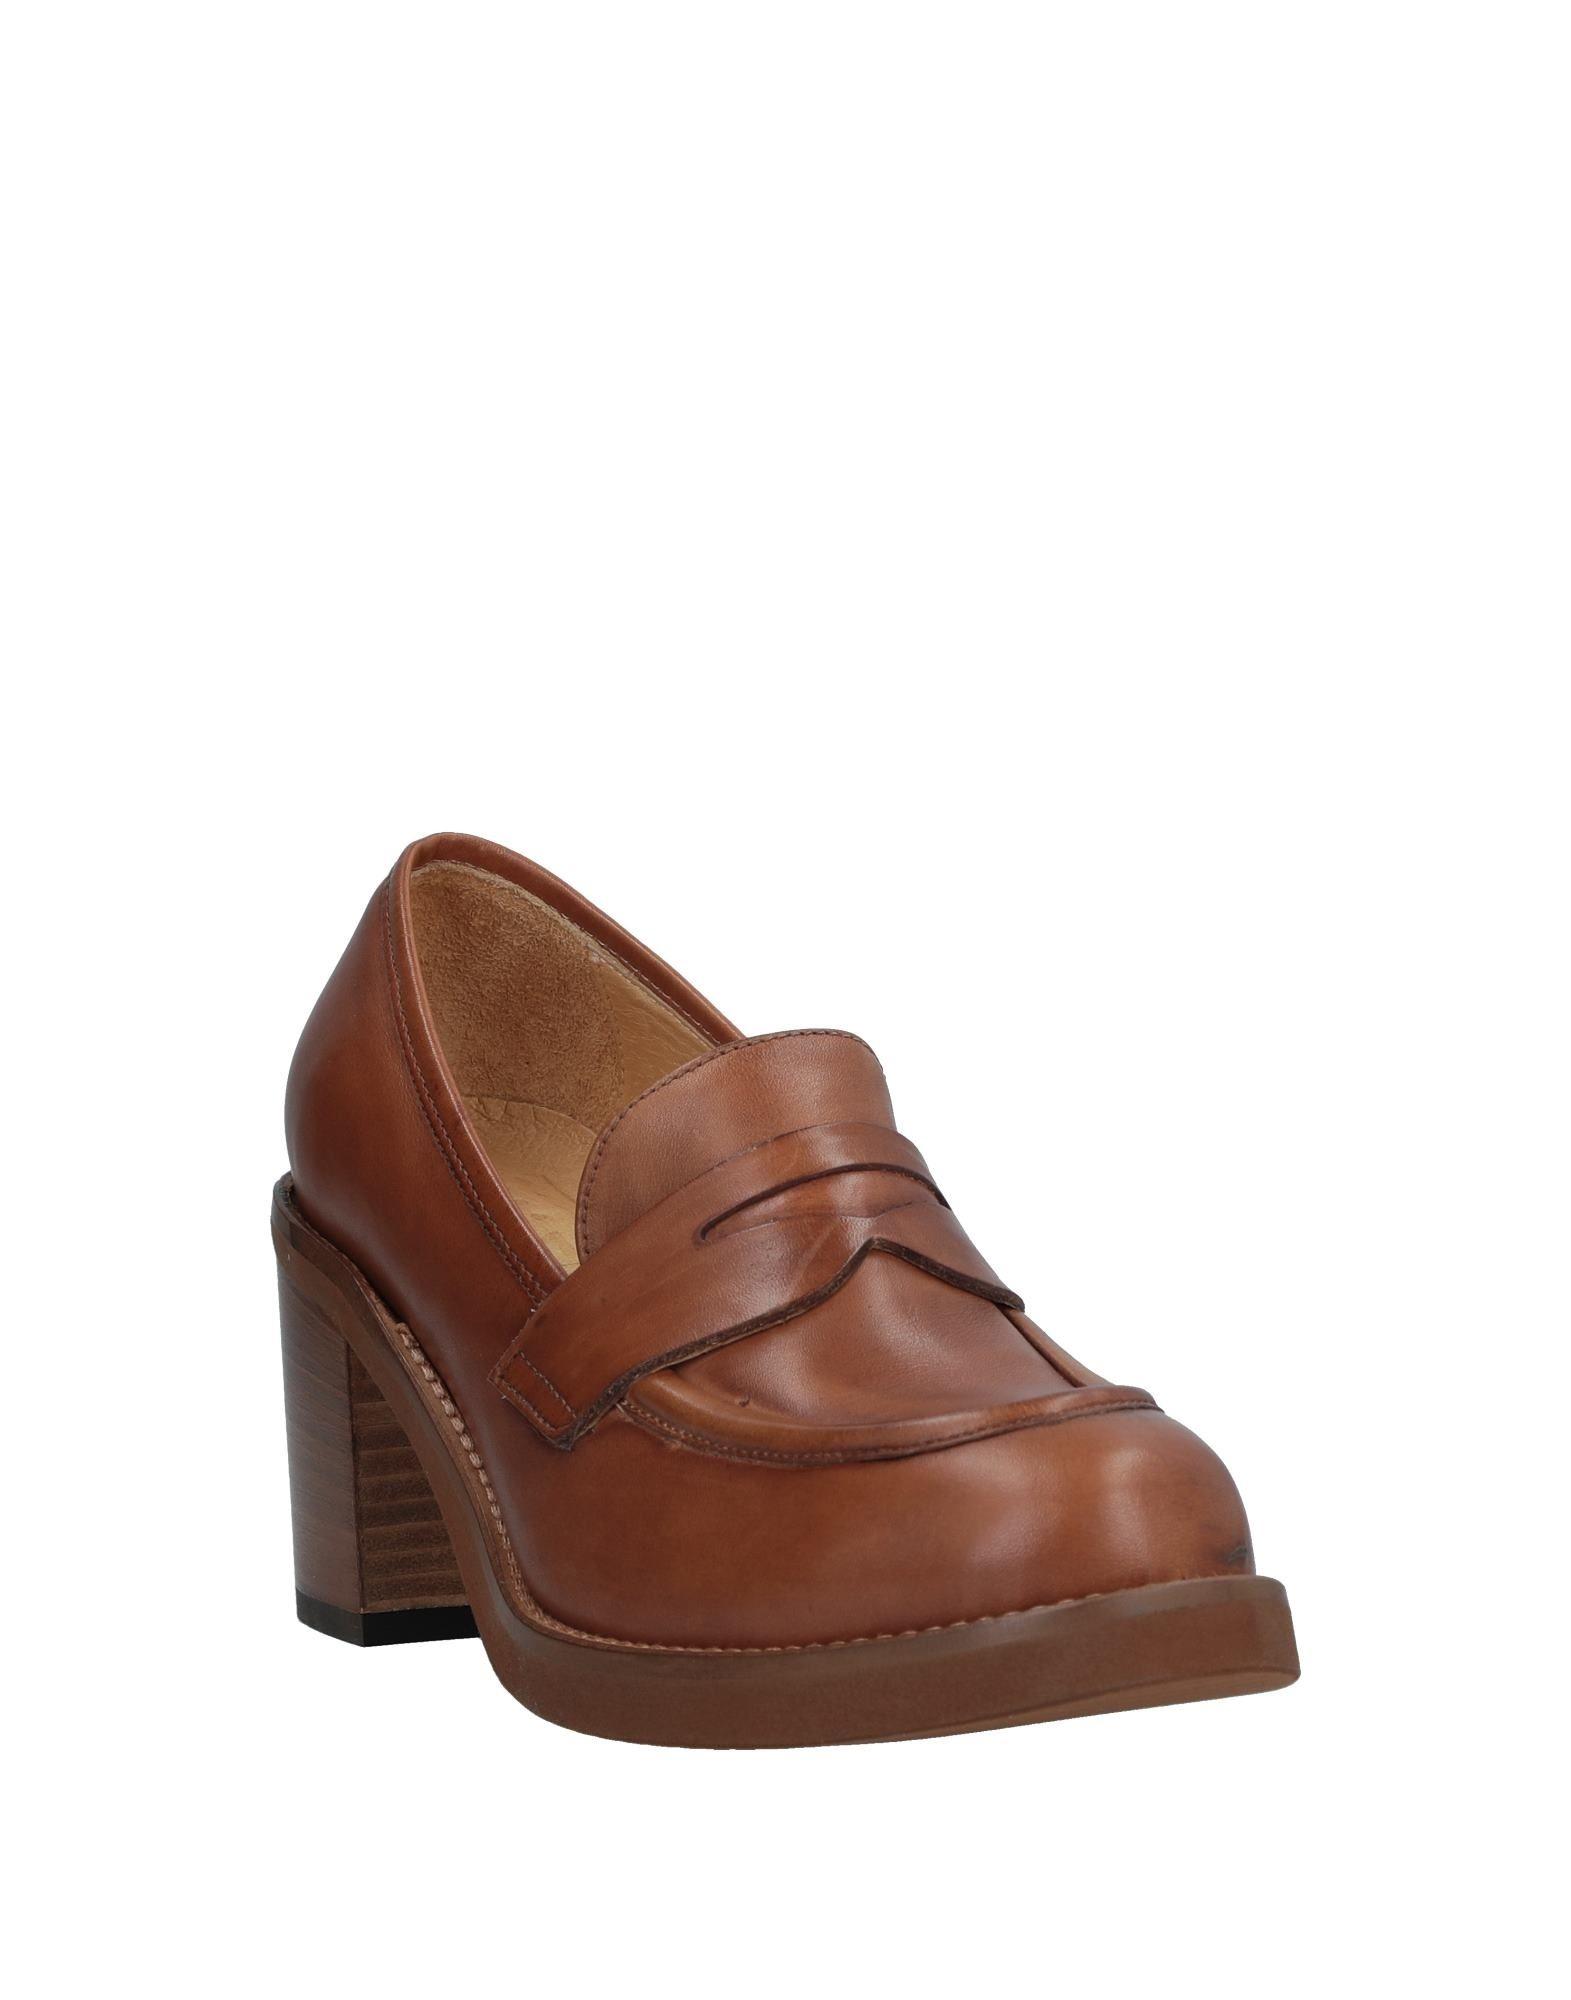 Pf16 Mokassins Damen  Schuhe 11535928WX Gute Qualität beliebte Schuhe  fca750